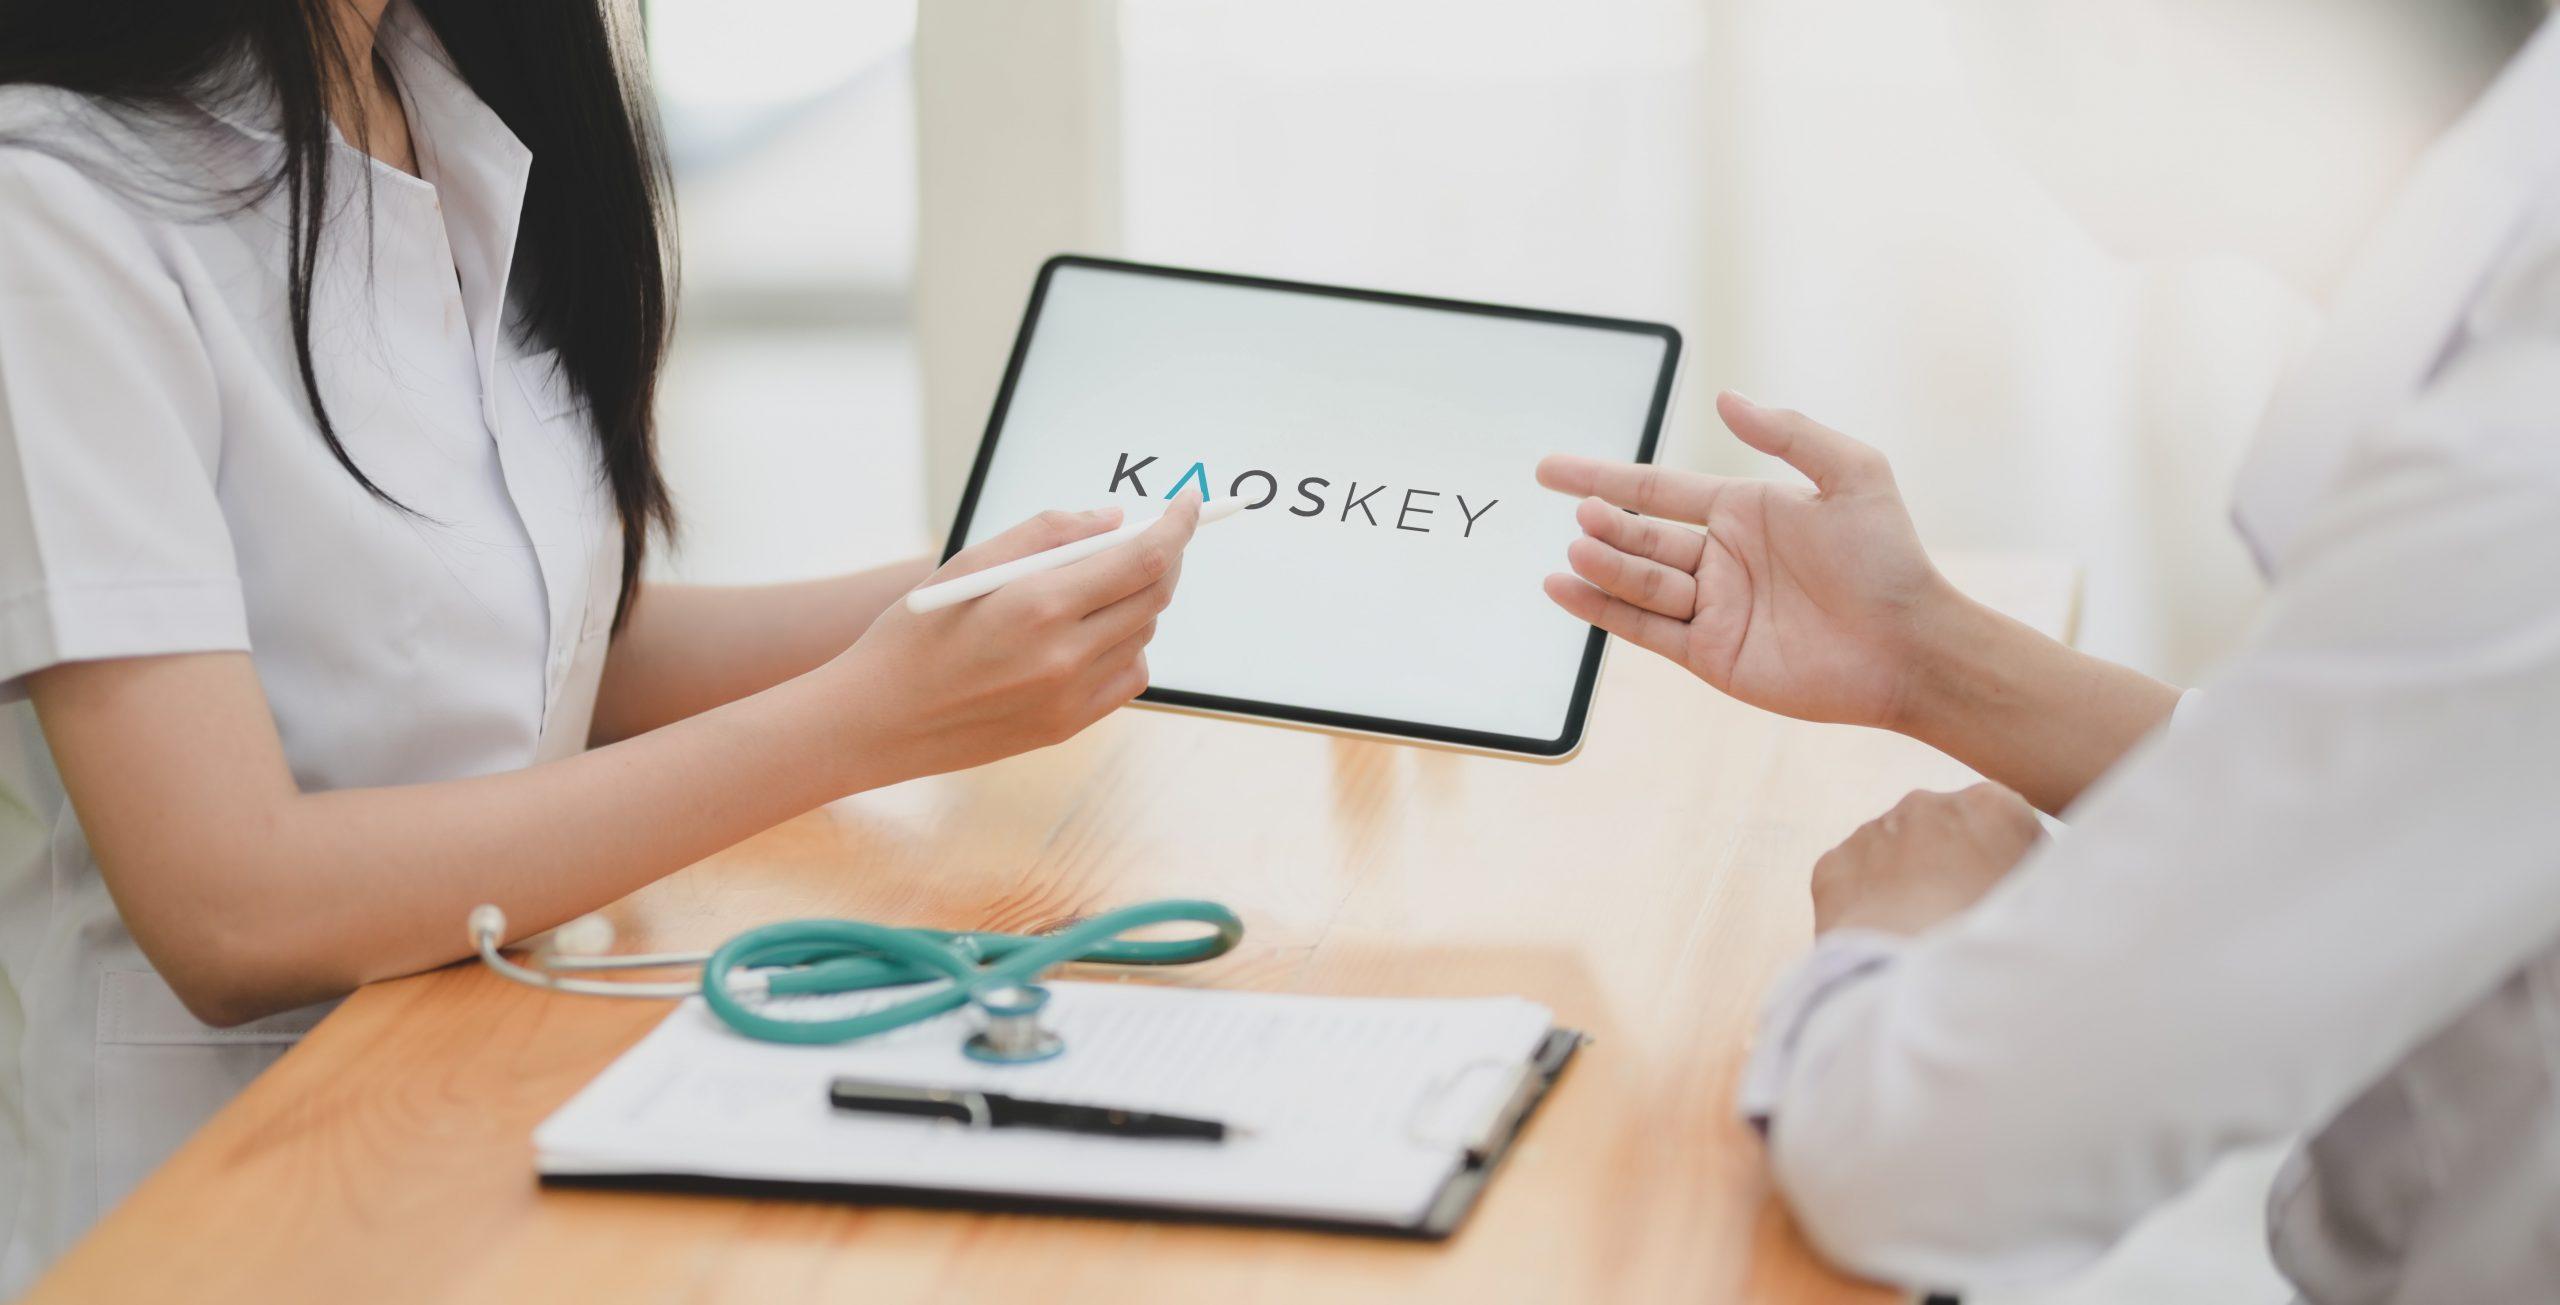 Kaoskey Consultation